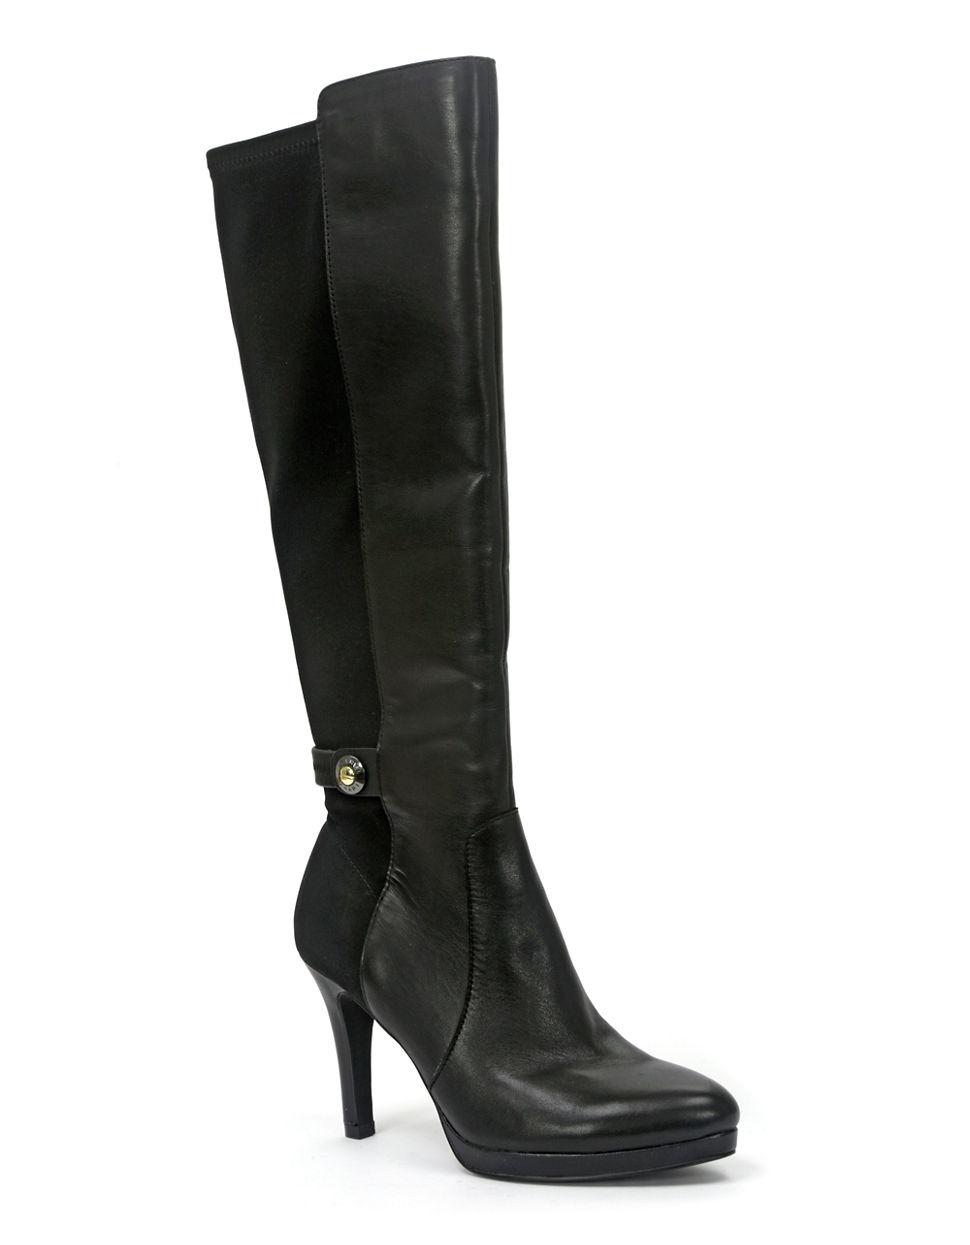 tahari garrett boots in black lyst